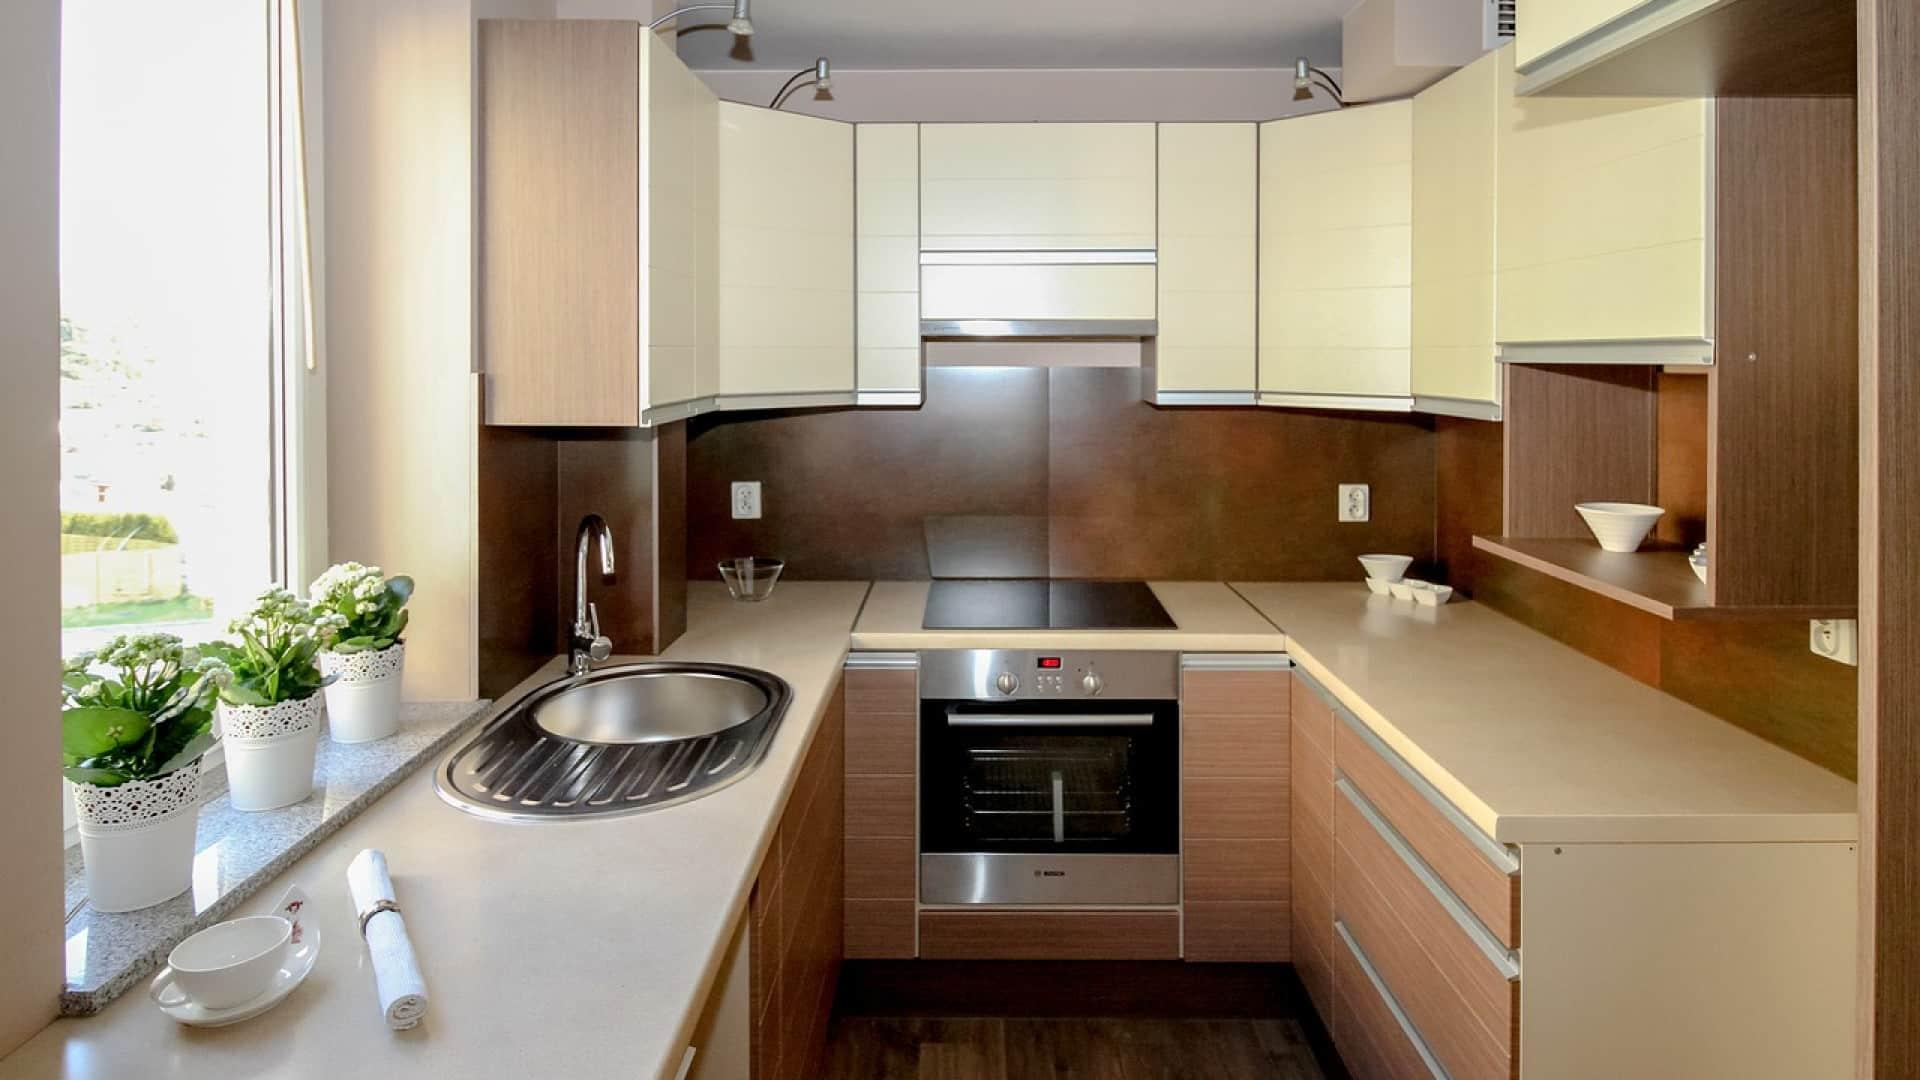 Embellissez votre intérieur avec une magnifique cuisine haut de gamme